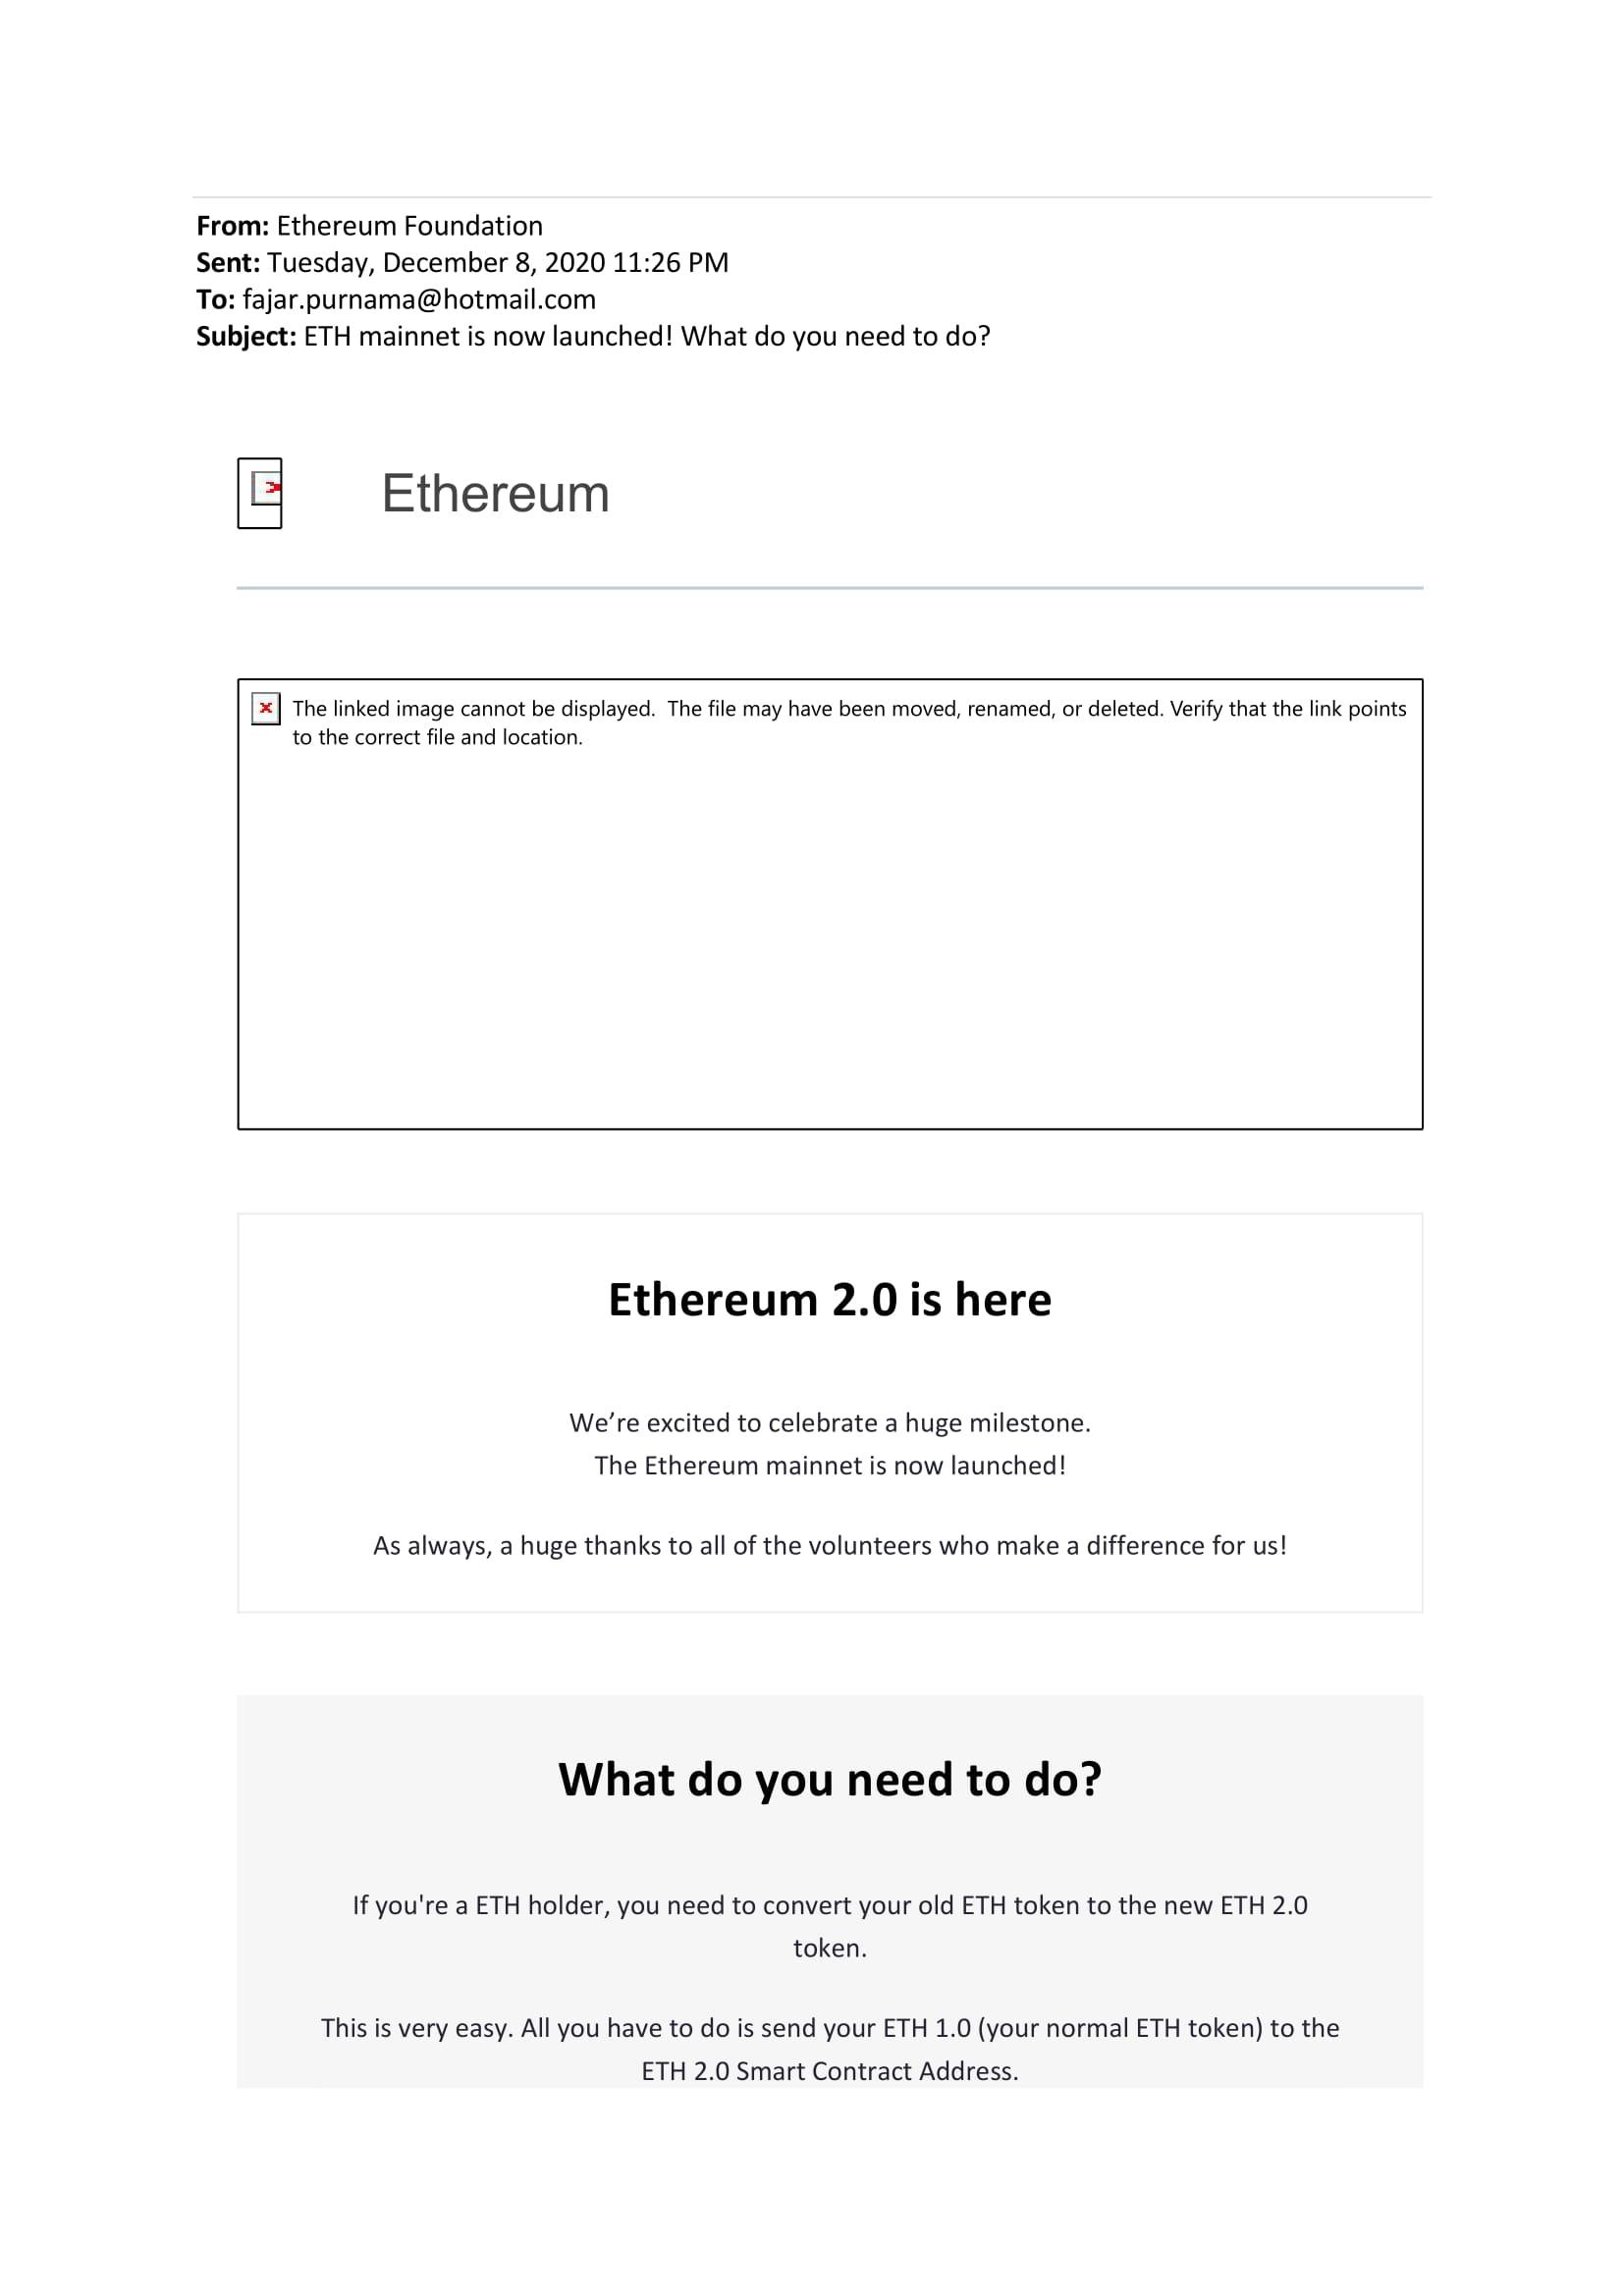 Ethereum convert to Ethereum 2.0 suspicious email 1